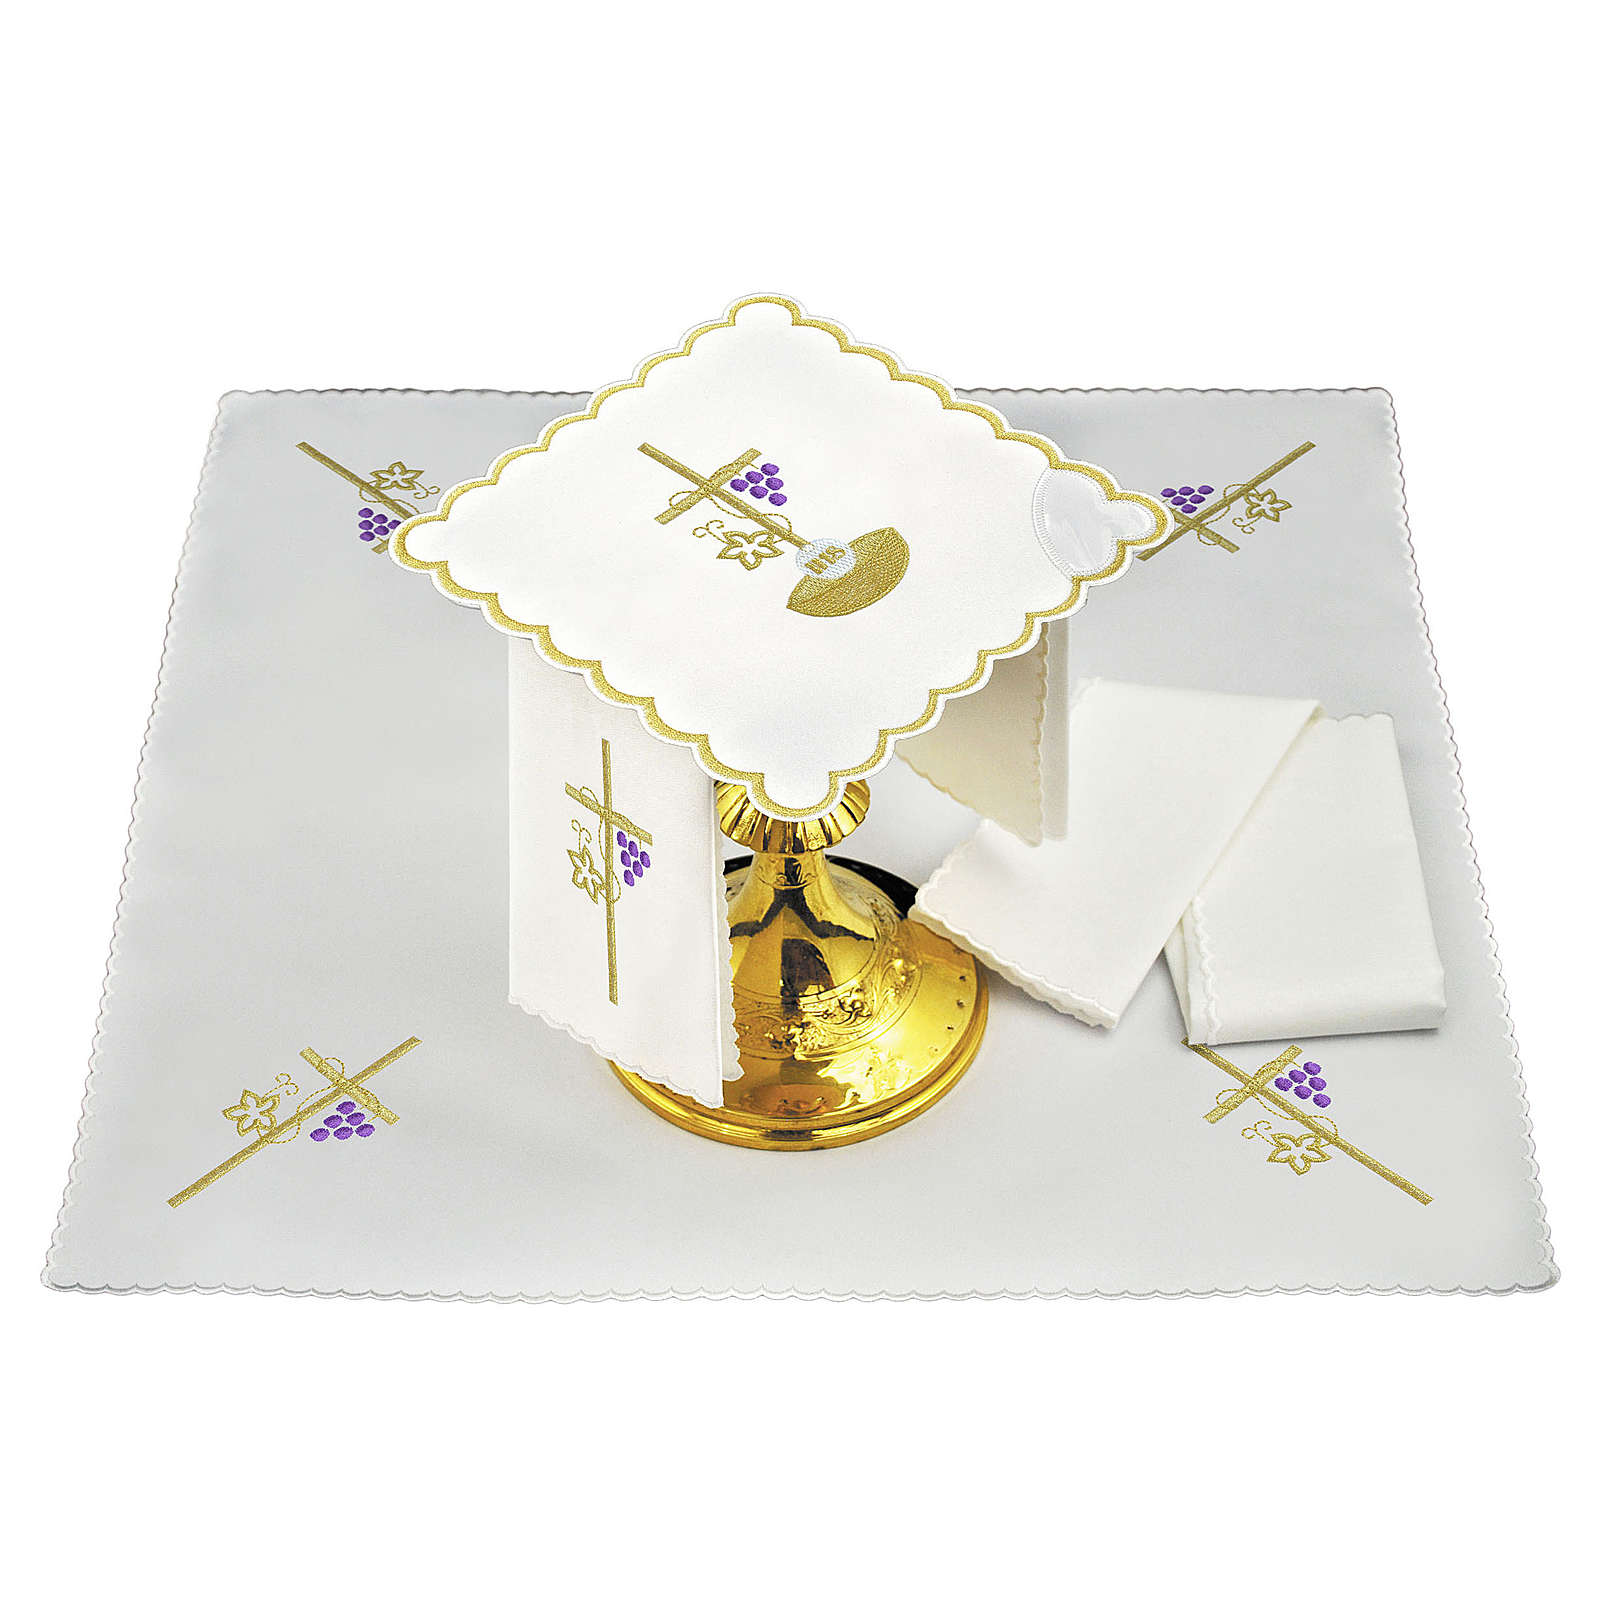 Servizio da altare lino corda croce uva foglia dorata JHS 4